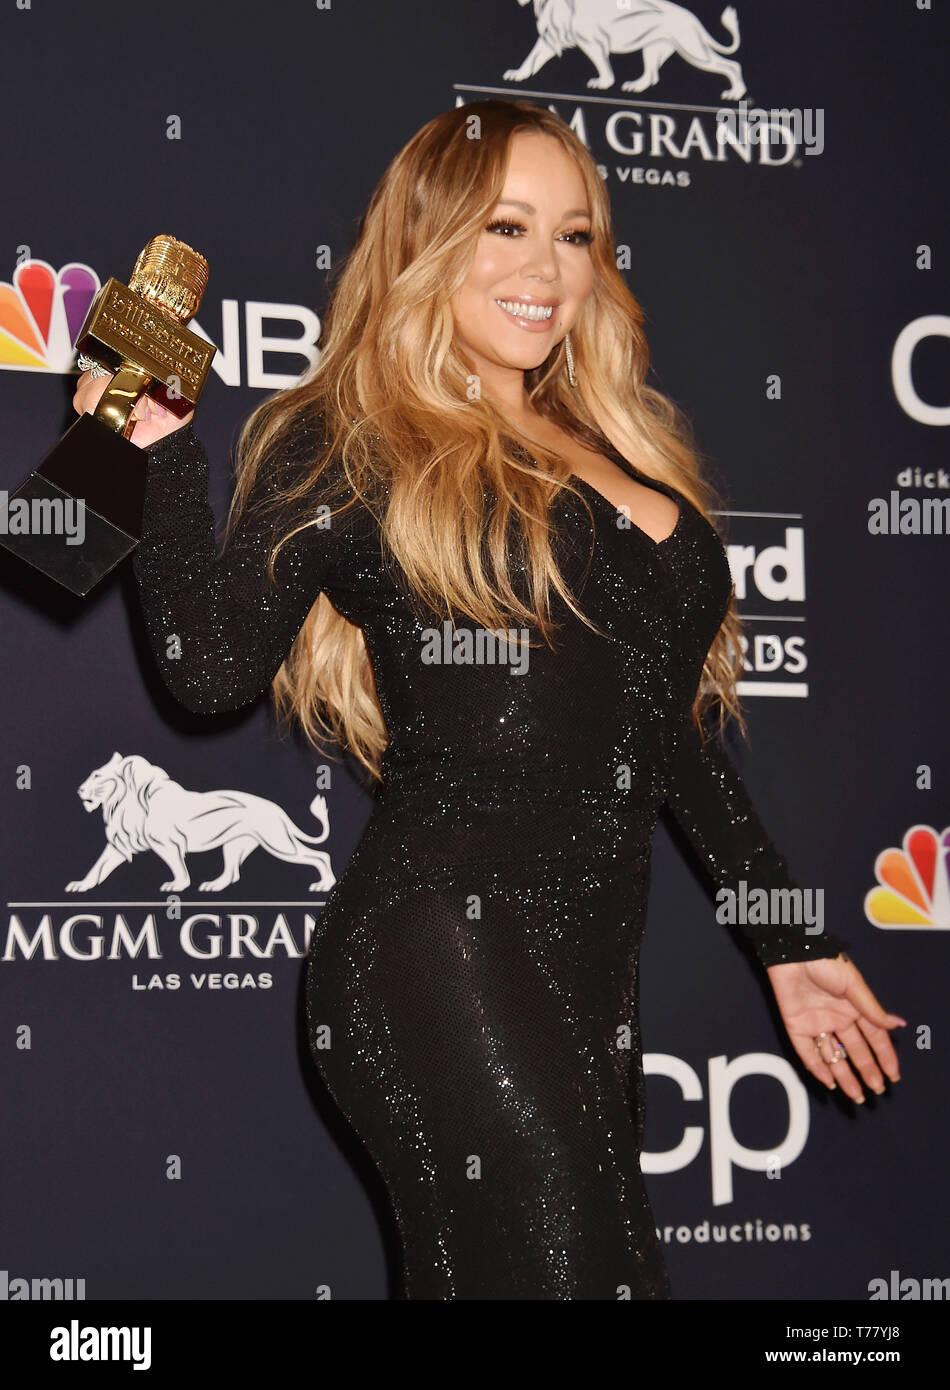 LAS VEGAS, NV - Mayo 01: Mariah Carey posa con el icono Award en la sala de prensa durante el 2019 Billboard Music Awards en el MGM Grand Garden Arena el 01 de mayo de 2019 en Las Vegas, Nevada. Foto de stock